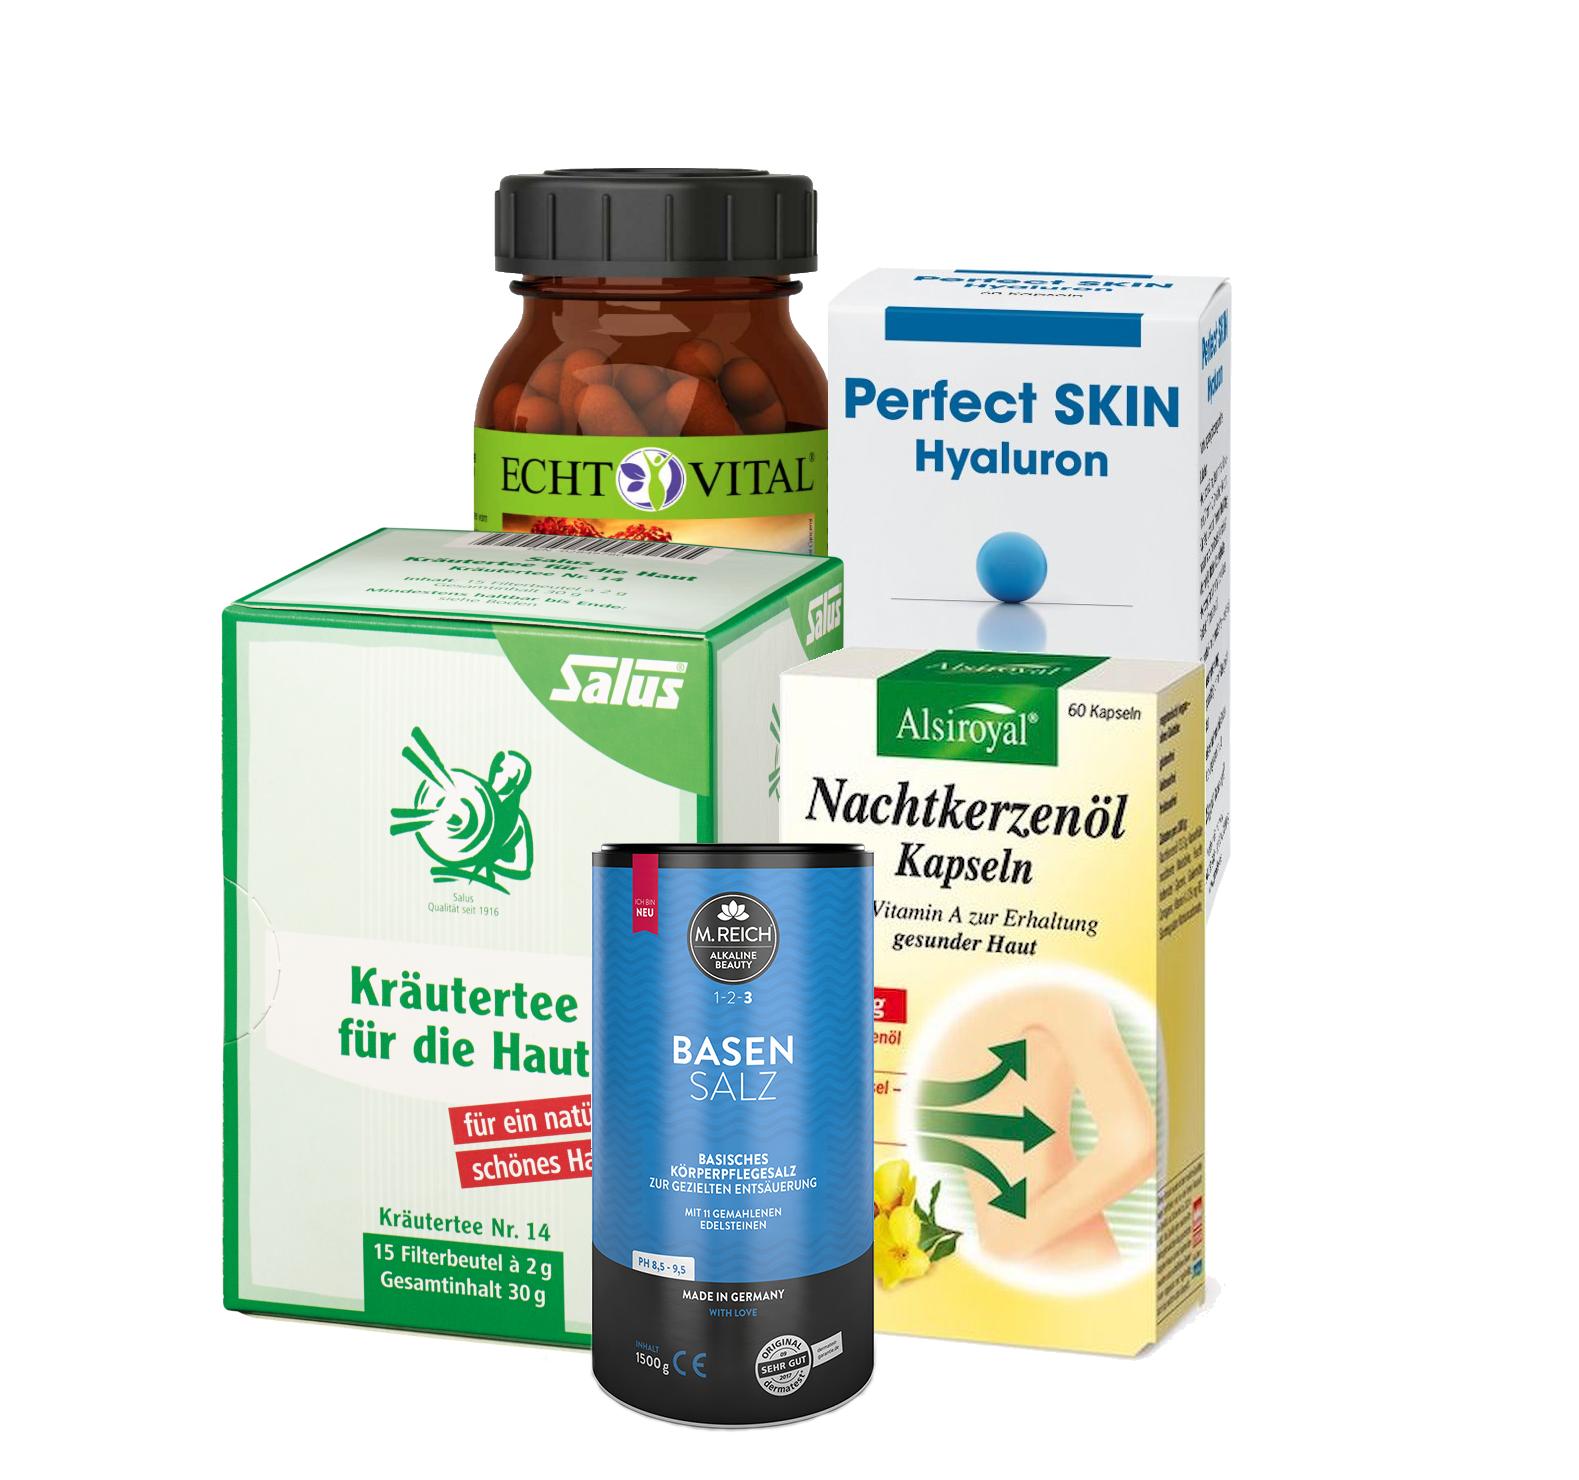 Gesunde Haut, Haare und Nägel mit Hyaluronsäure und Nachtkerzenöl